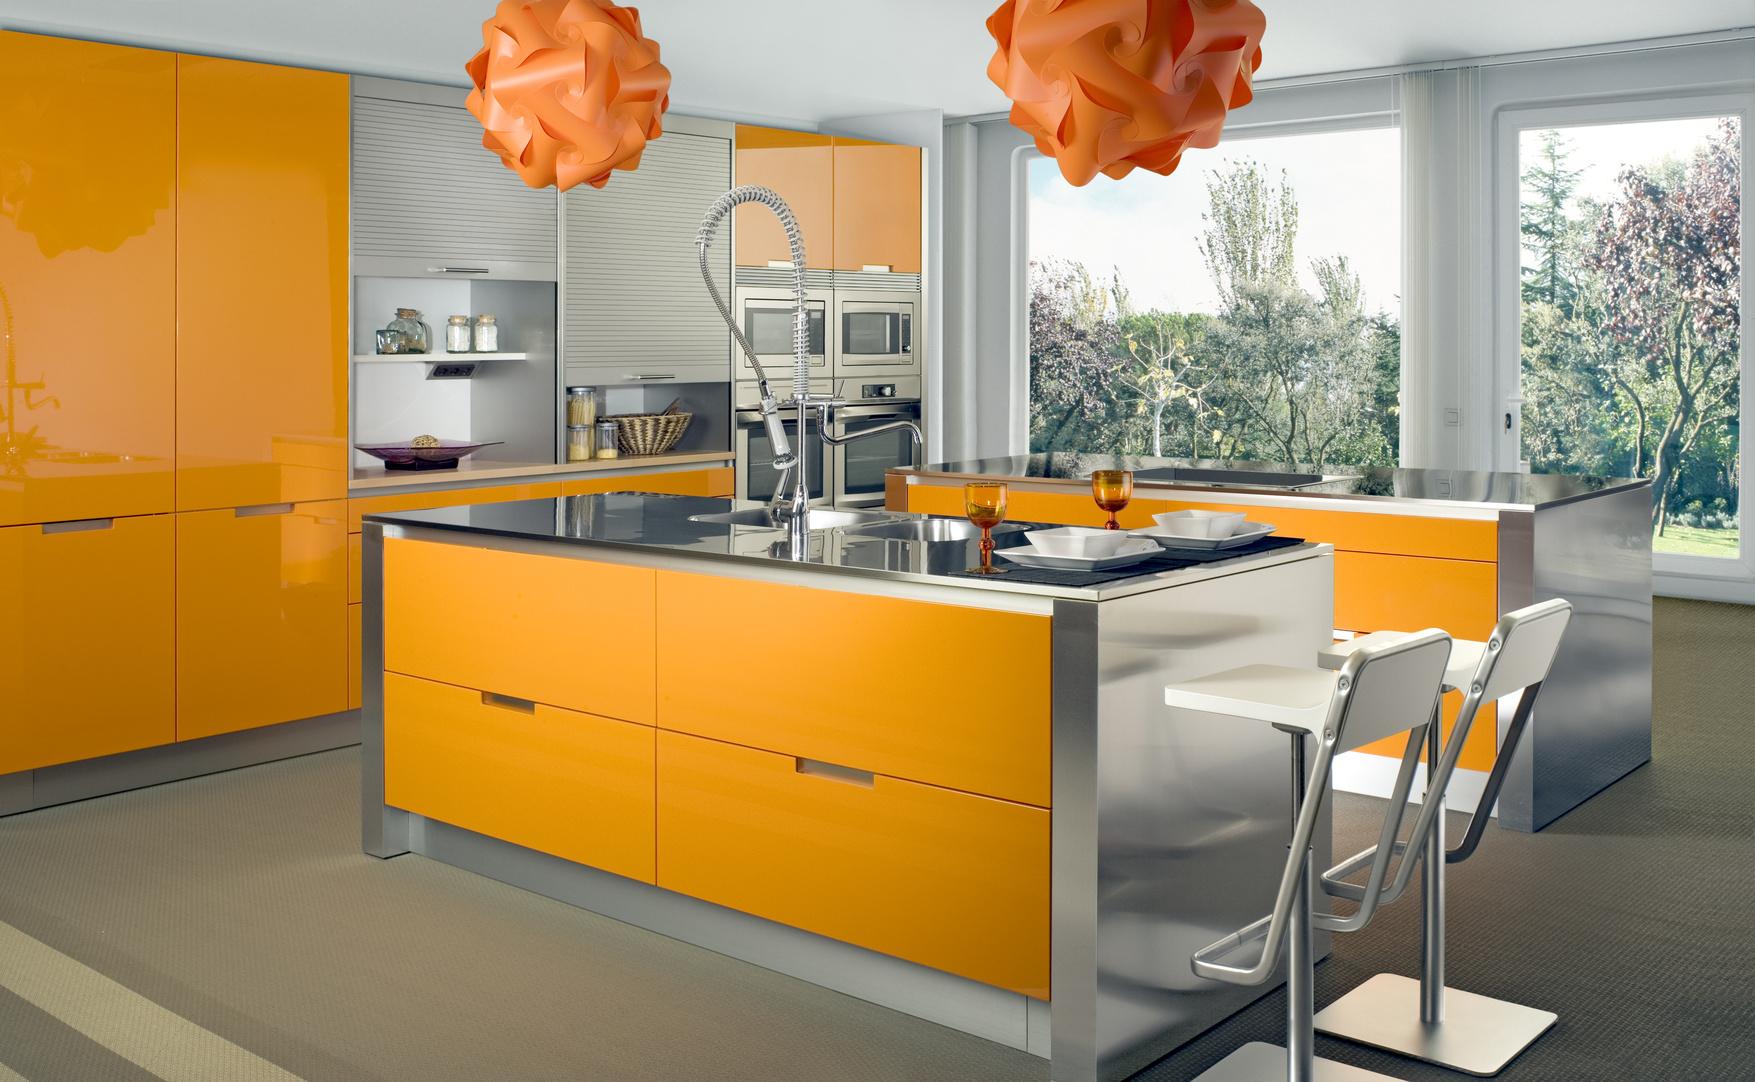 Moderní kuchyně okrové barvy se středovým pultem.